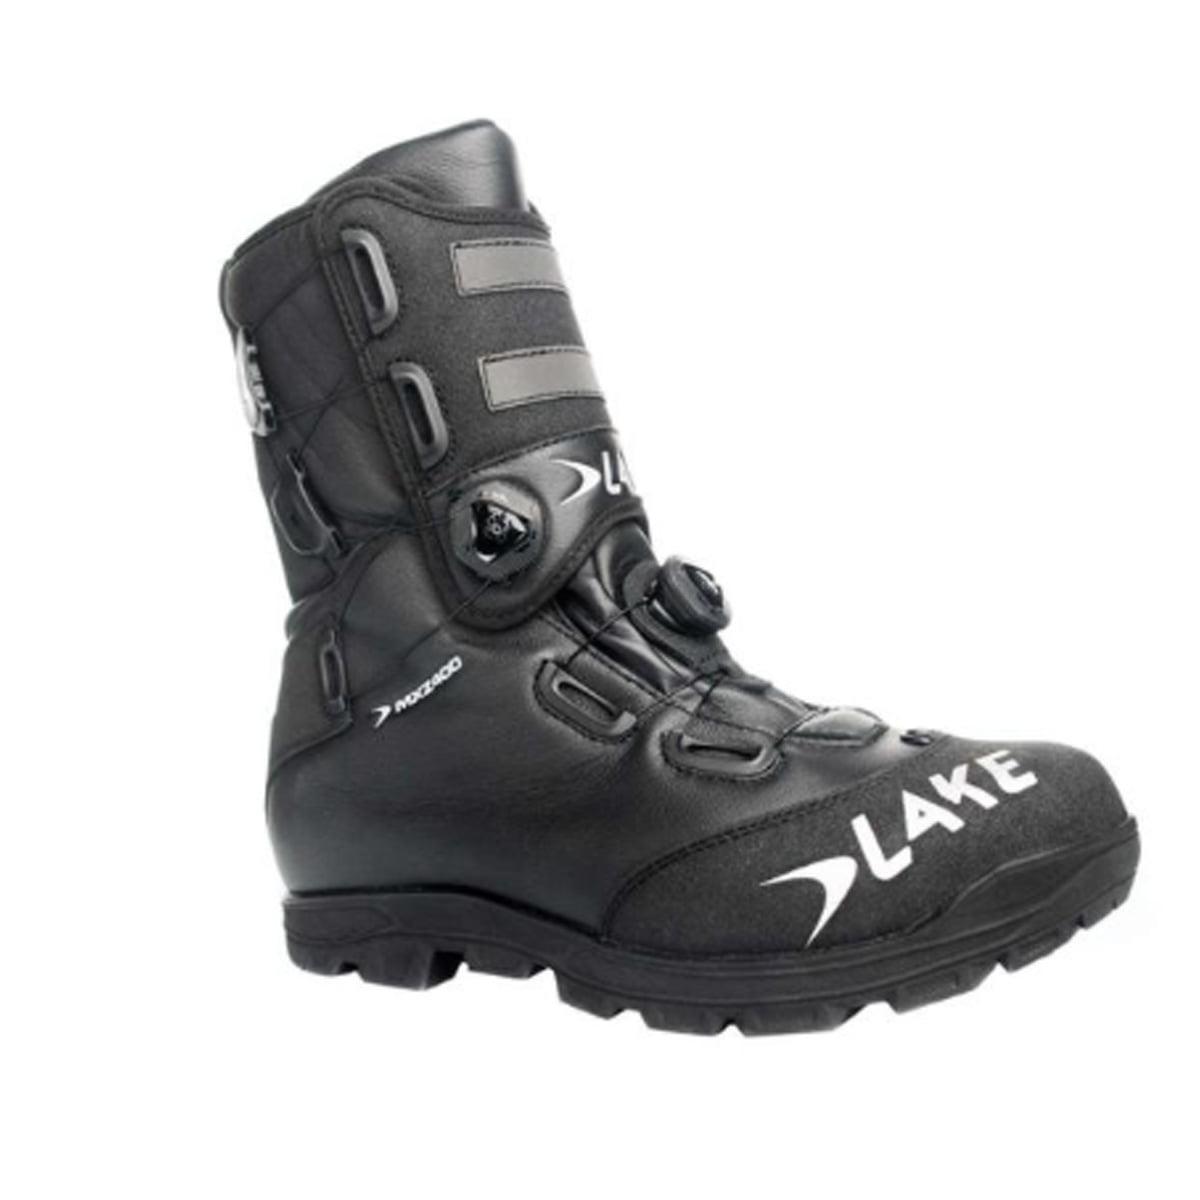 Lake Cycling 2017 Men' MXZ400 Winter Extreme Mountain Cycling Shoes - Black